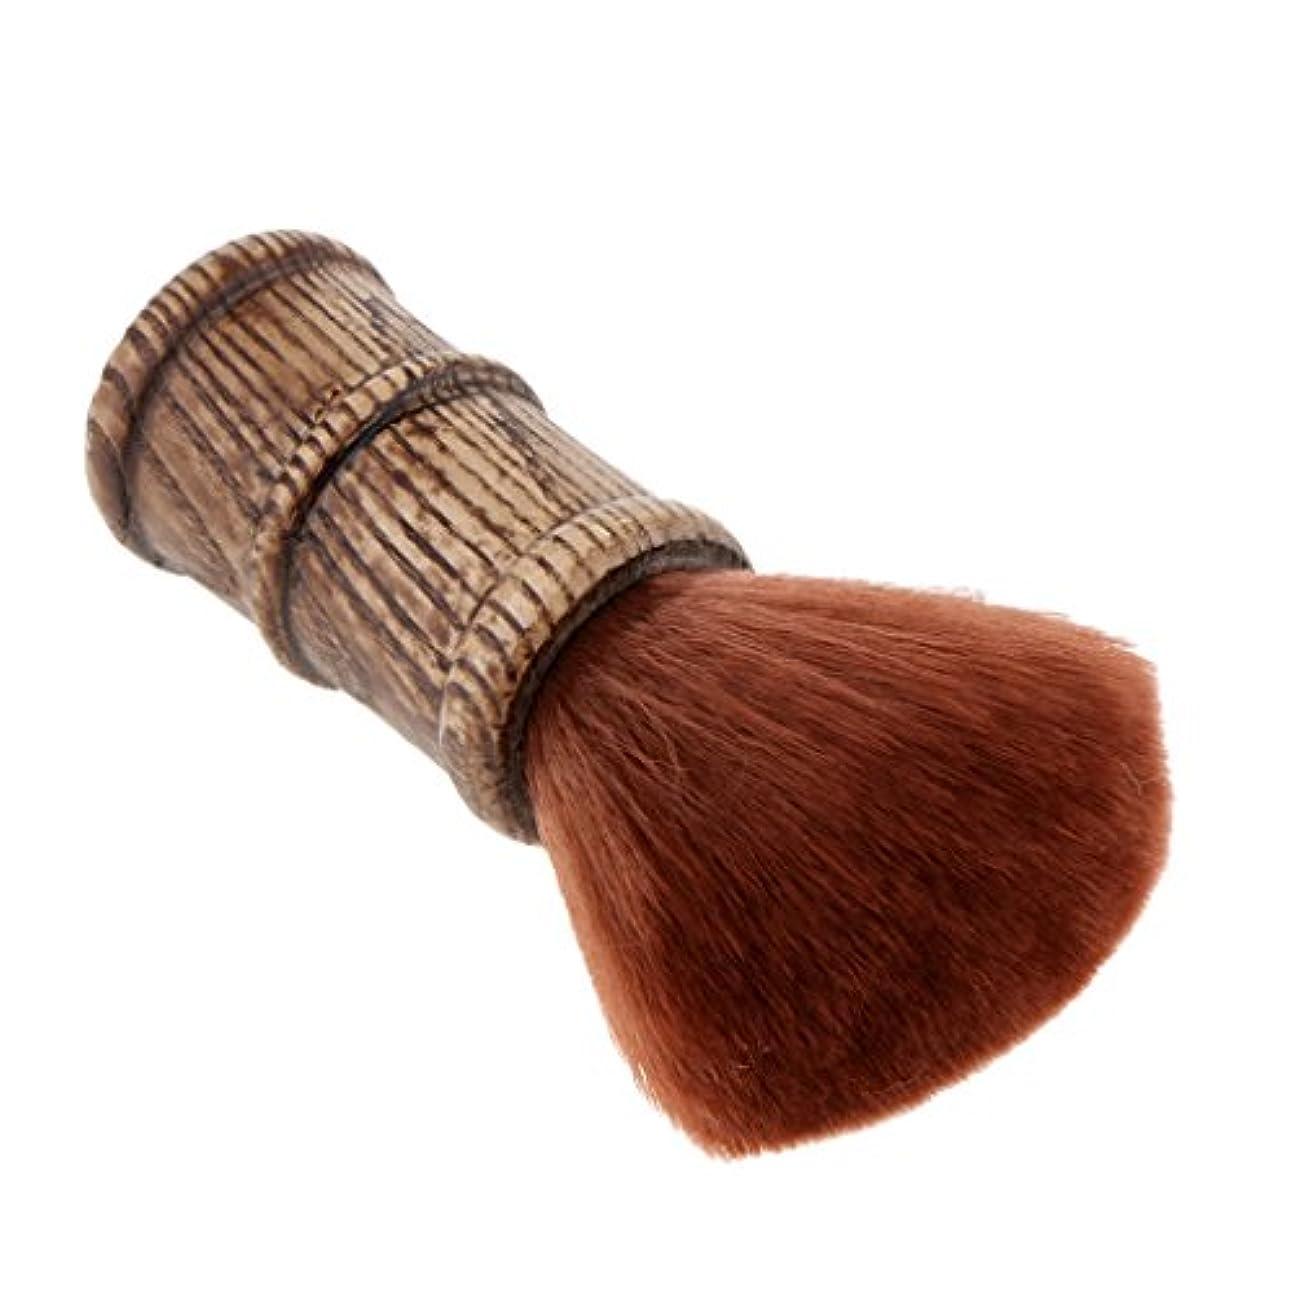 杭財布支払うToygogo 理髪 ネック ダスターブラシ クリーニング ヘアブラシ ヘアスイープブラシ サロンツール 2色選べる - 褐色